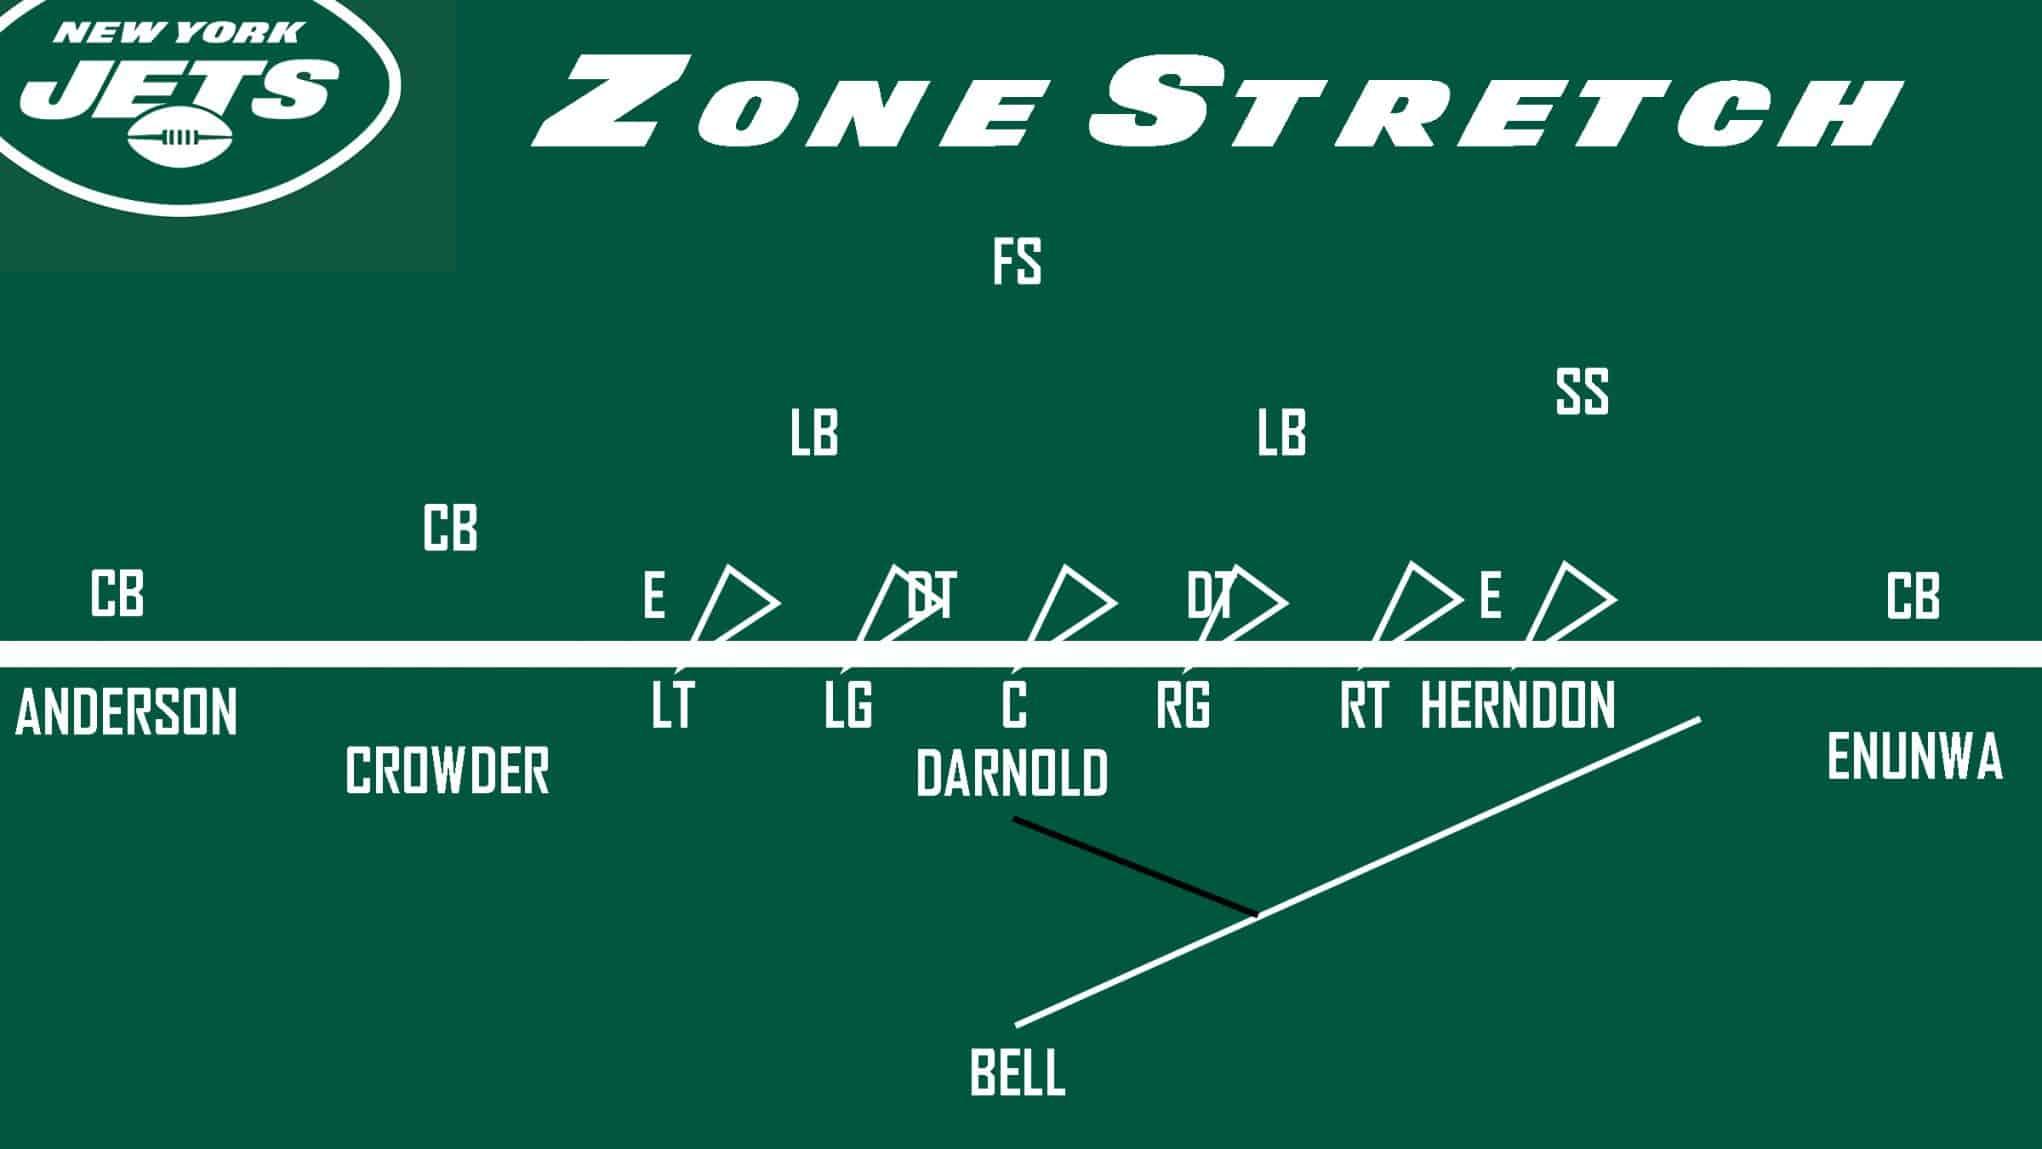 Jets Zone Stretch